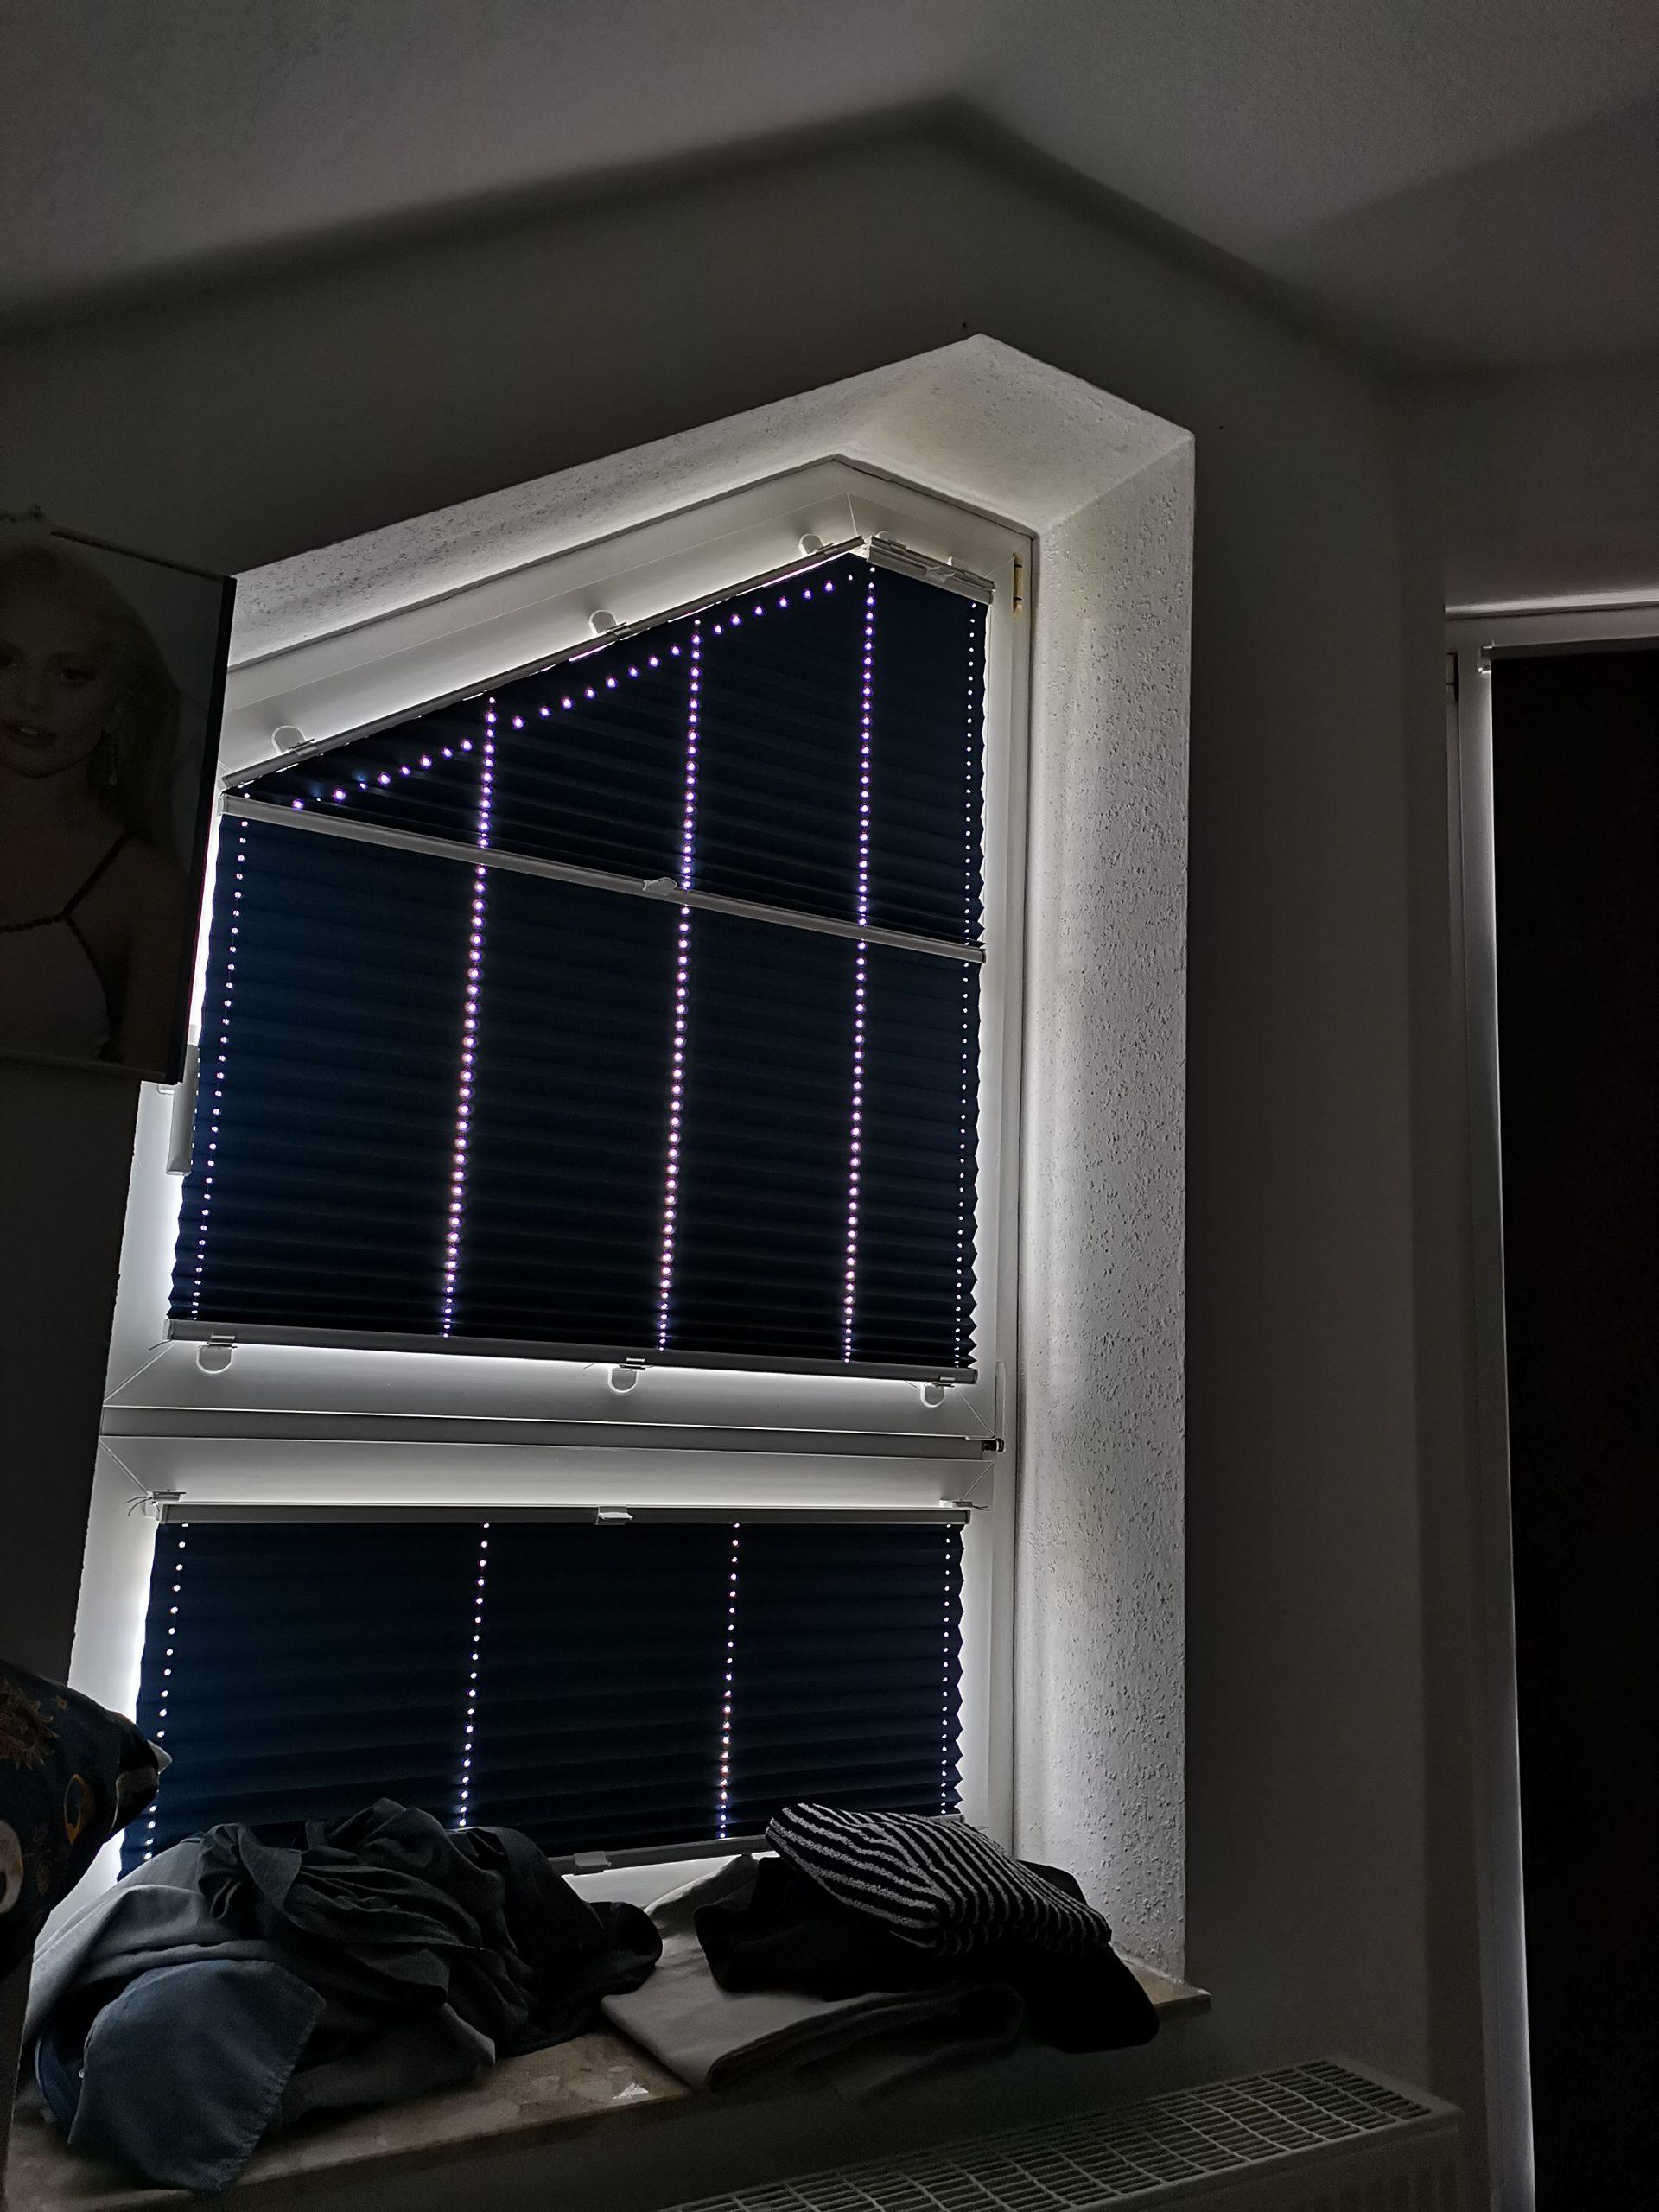 Full Size of Fenster Dunkel Bekommen Haus Austauschen 120x120 Rollo Rollos Plissee Dachschräge Klebefolie Für Einbruchschutz Nachrüsten Reinigen Winkhaus Velux Einbauen Fenster Schräge Fenster Abdunkeln